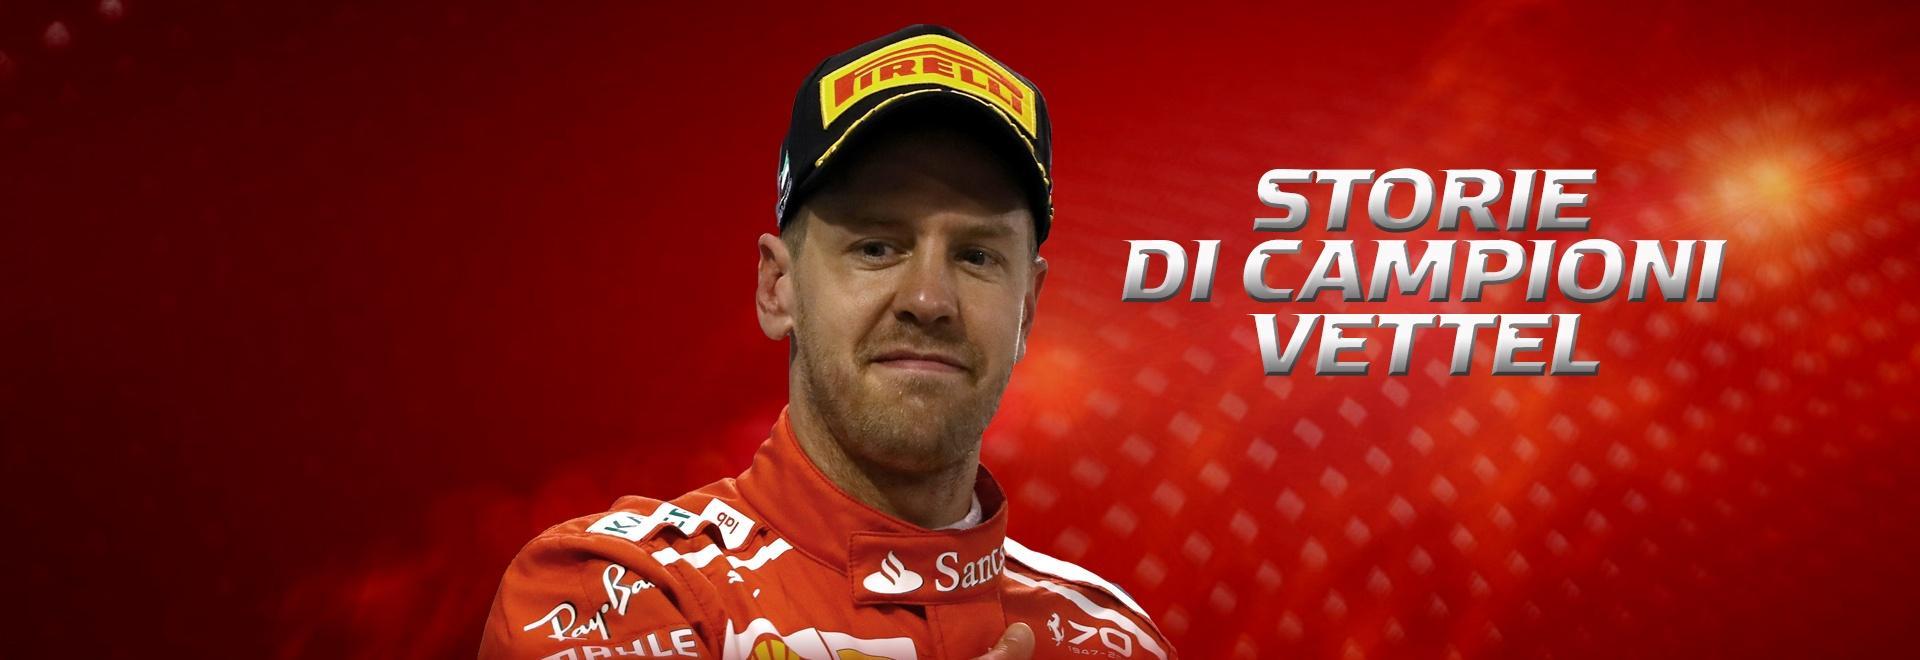 GP India 2013